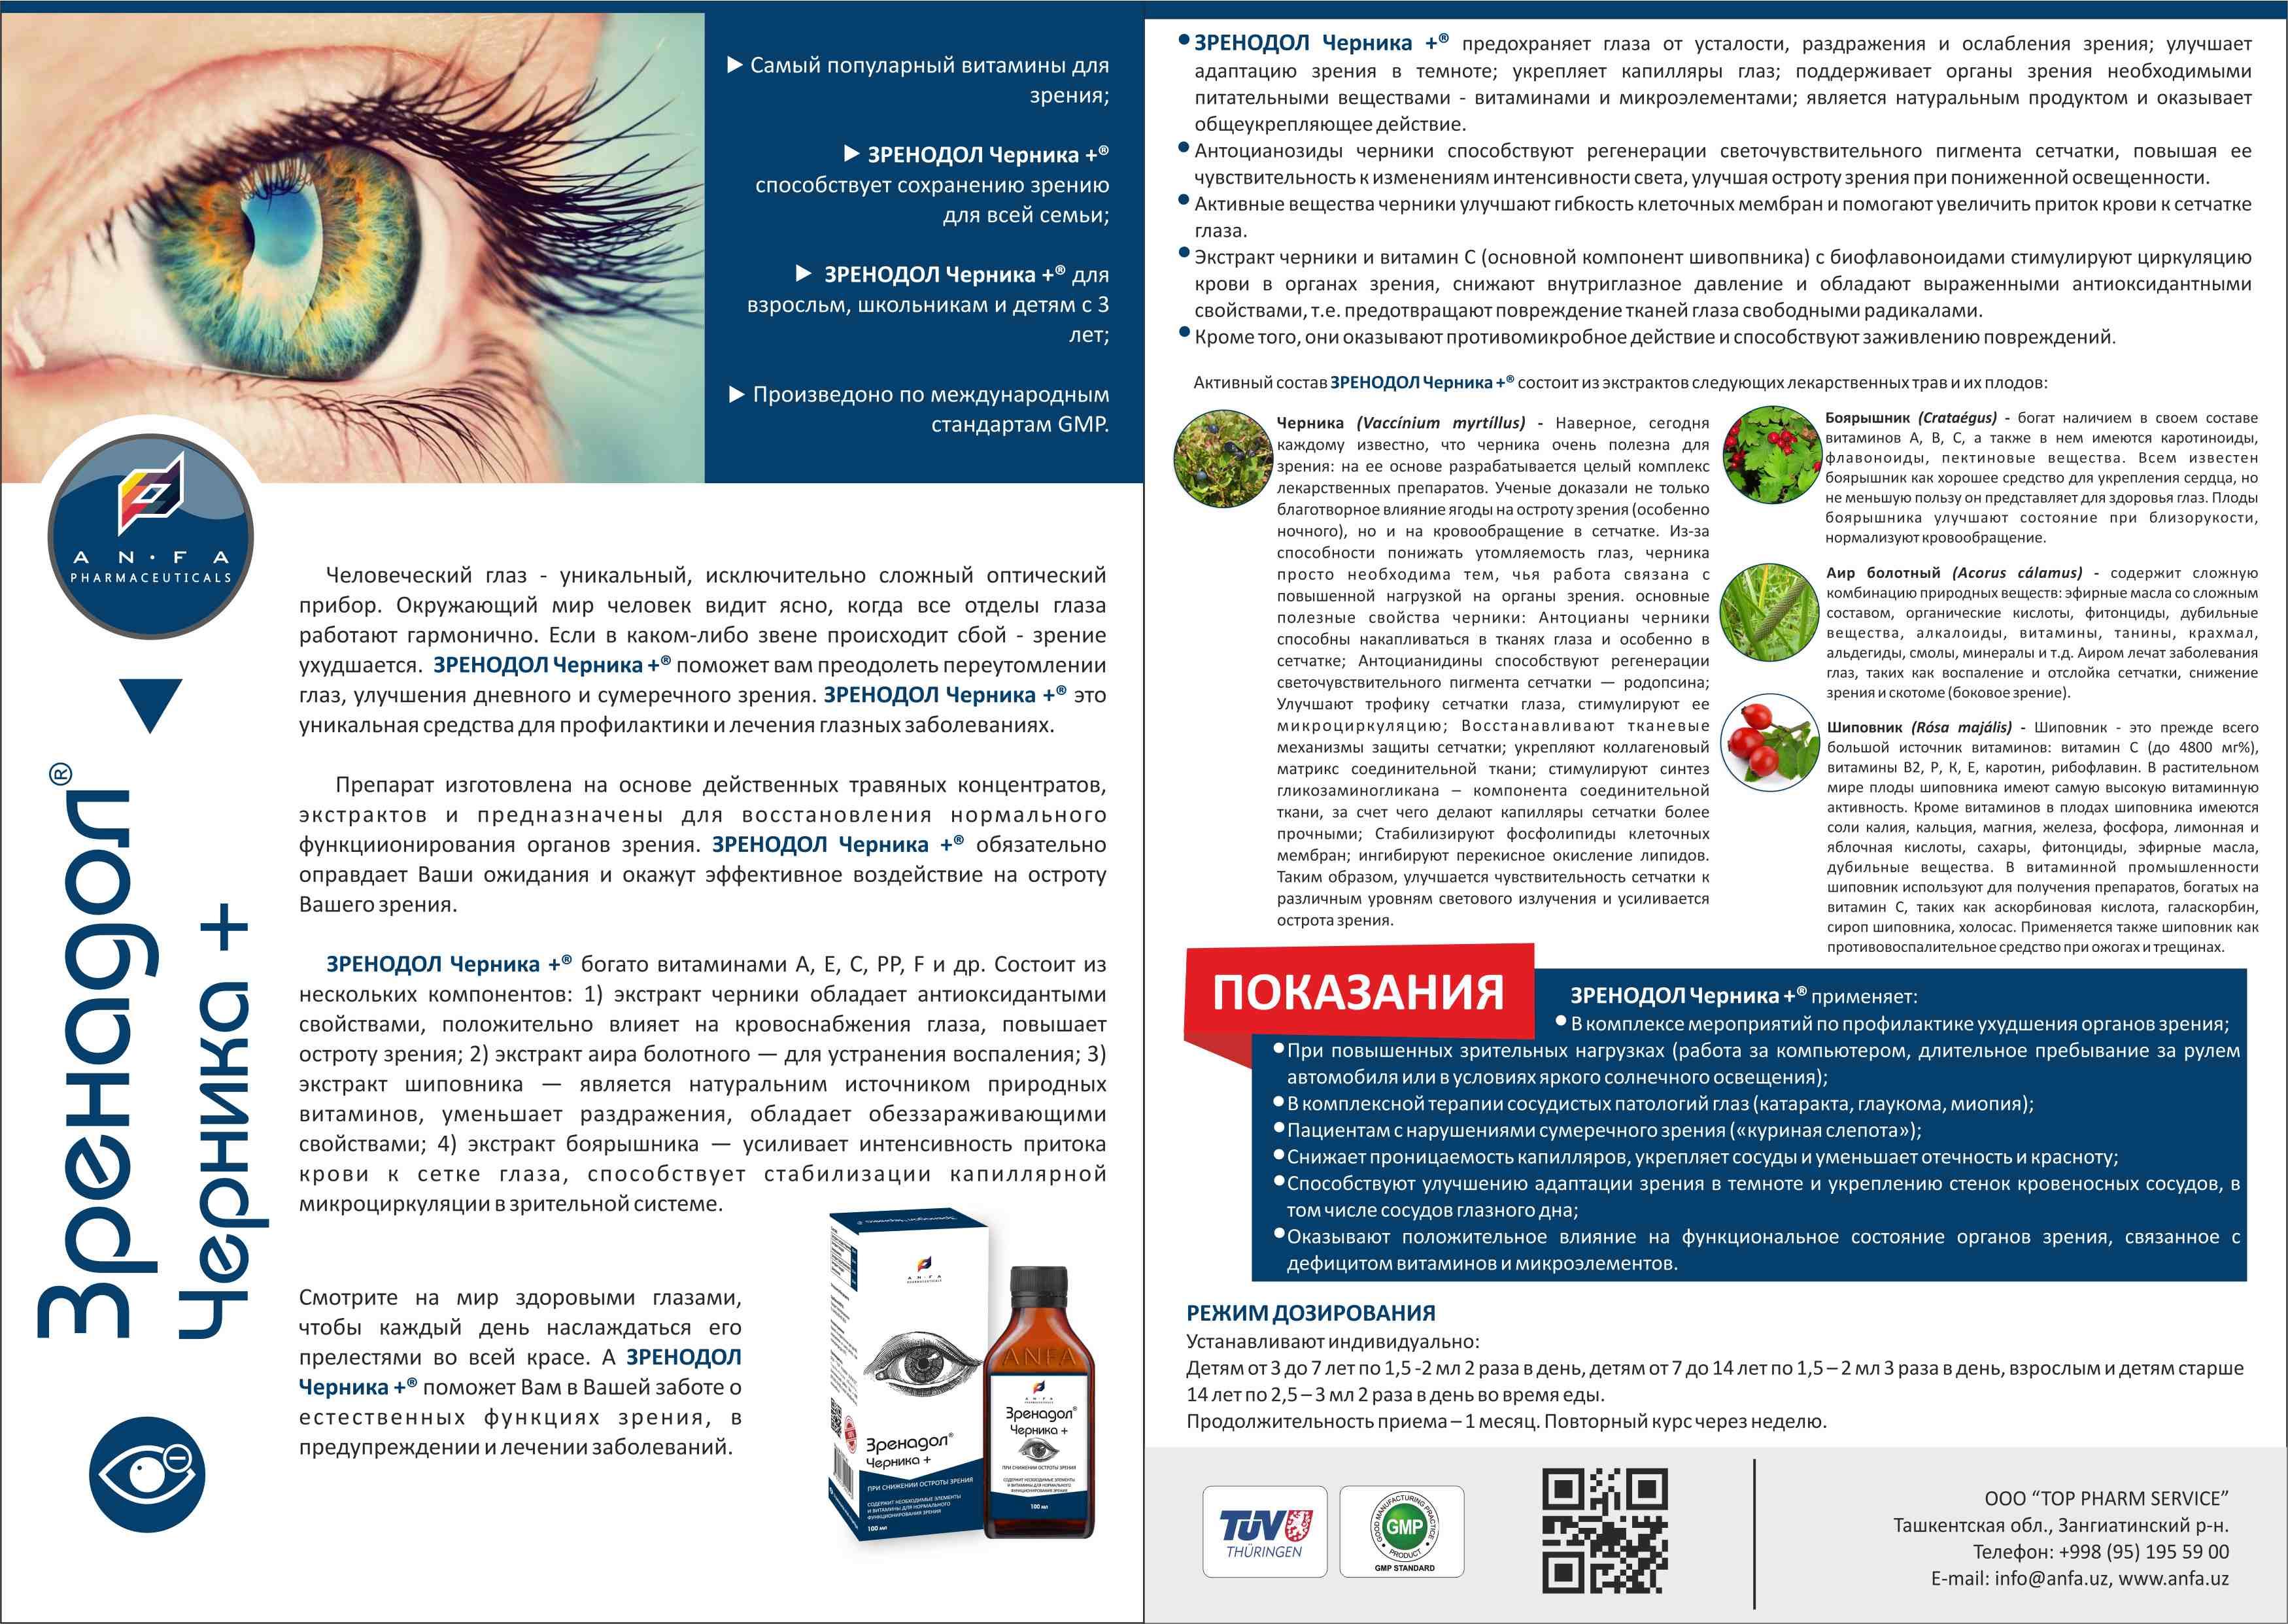 Укрепление сетчатки глаза лазером: показания, проведение, реабилитация oculistic.ru укрепление сетчатки глаза лазером: показания, проведение, реабилитация